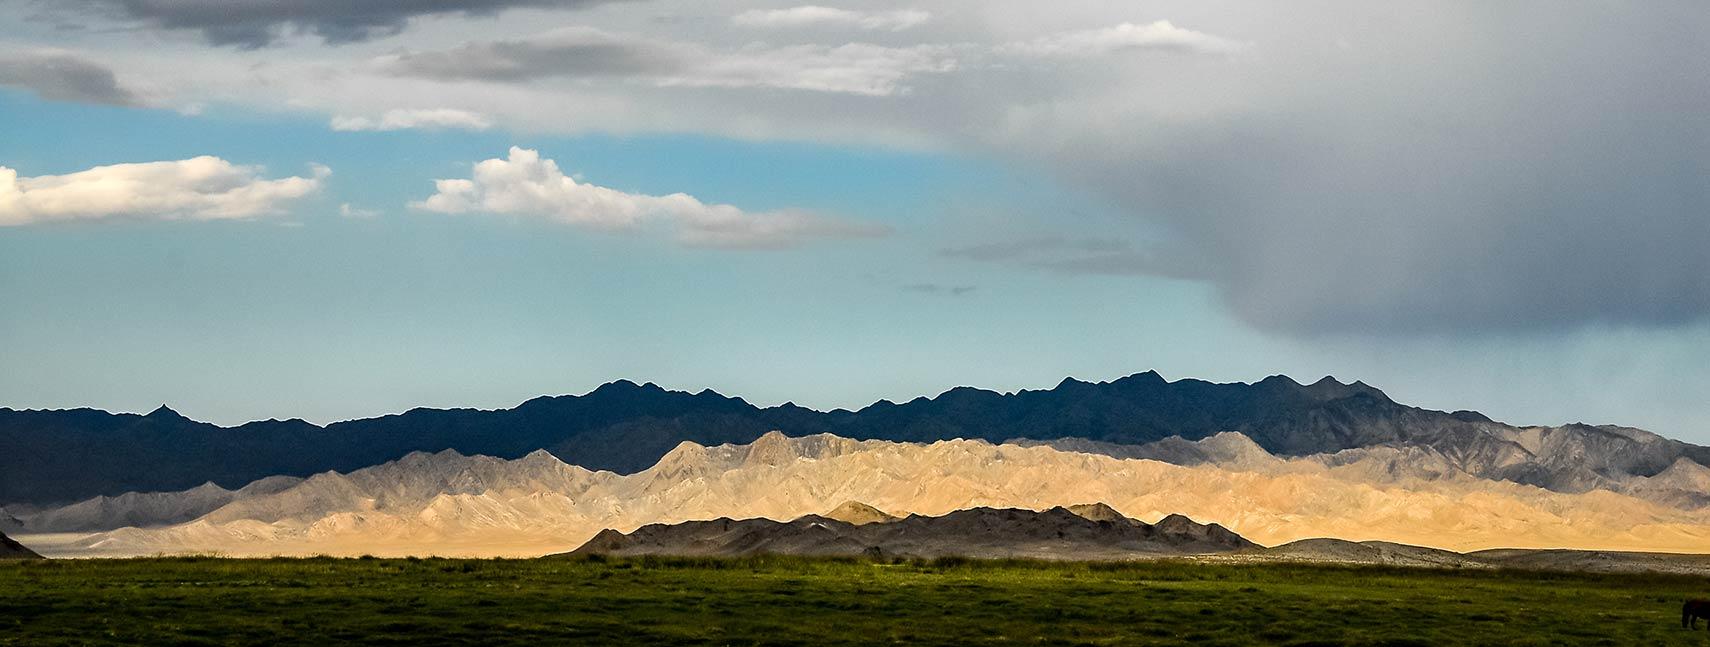 Mongolian-Landscape.jpg